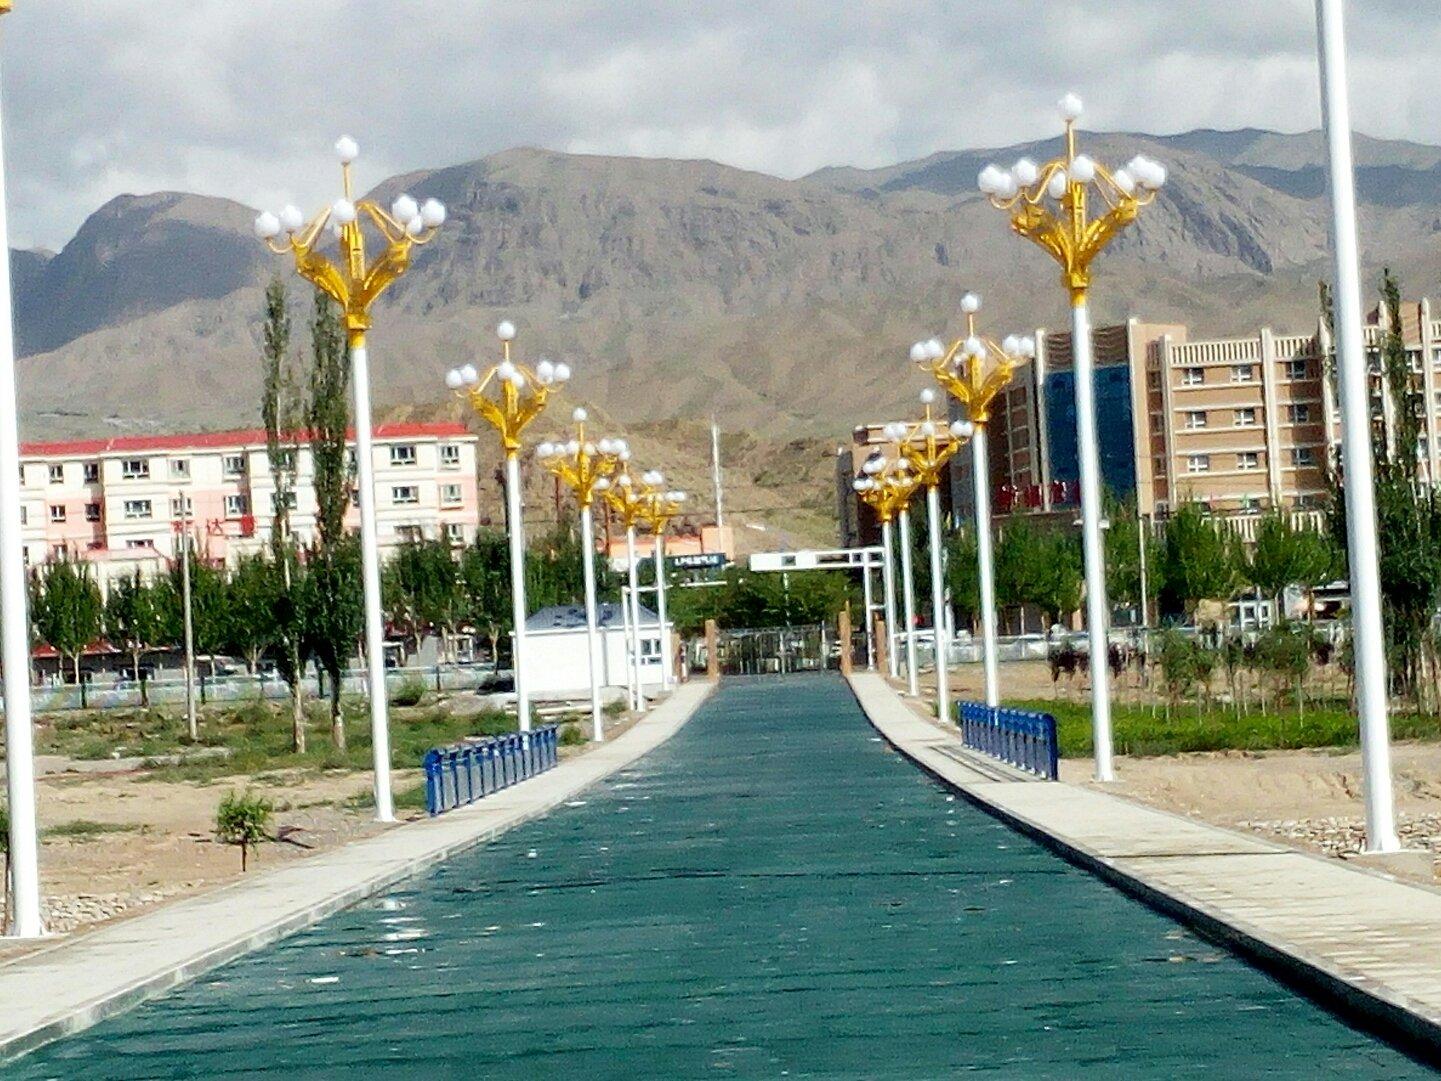 新疆维吾尔自治区克孜勒苏柯尔克孜自治州阿合奇县佳朗奇路靠近阿合奇县水利局天气预报